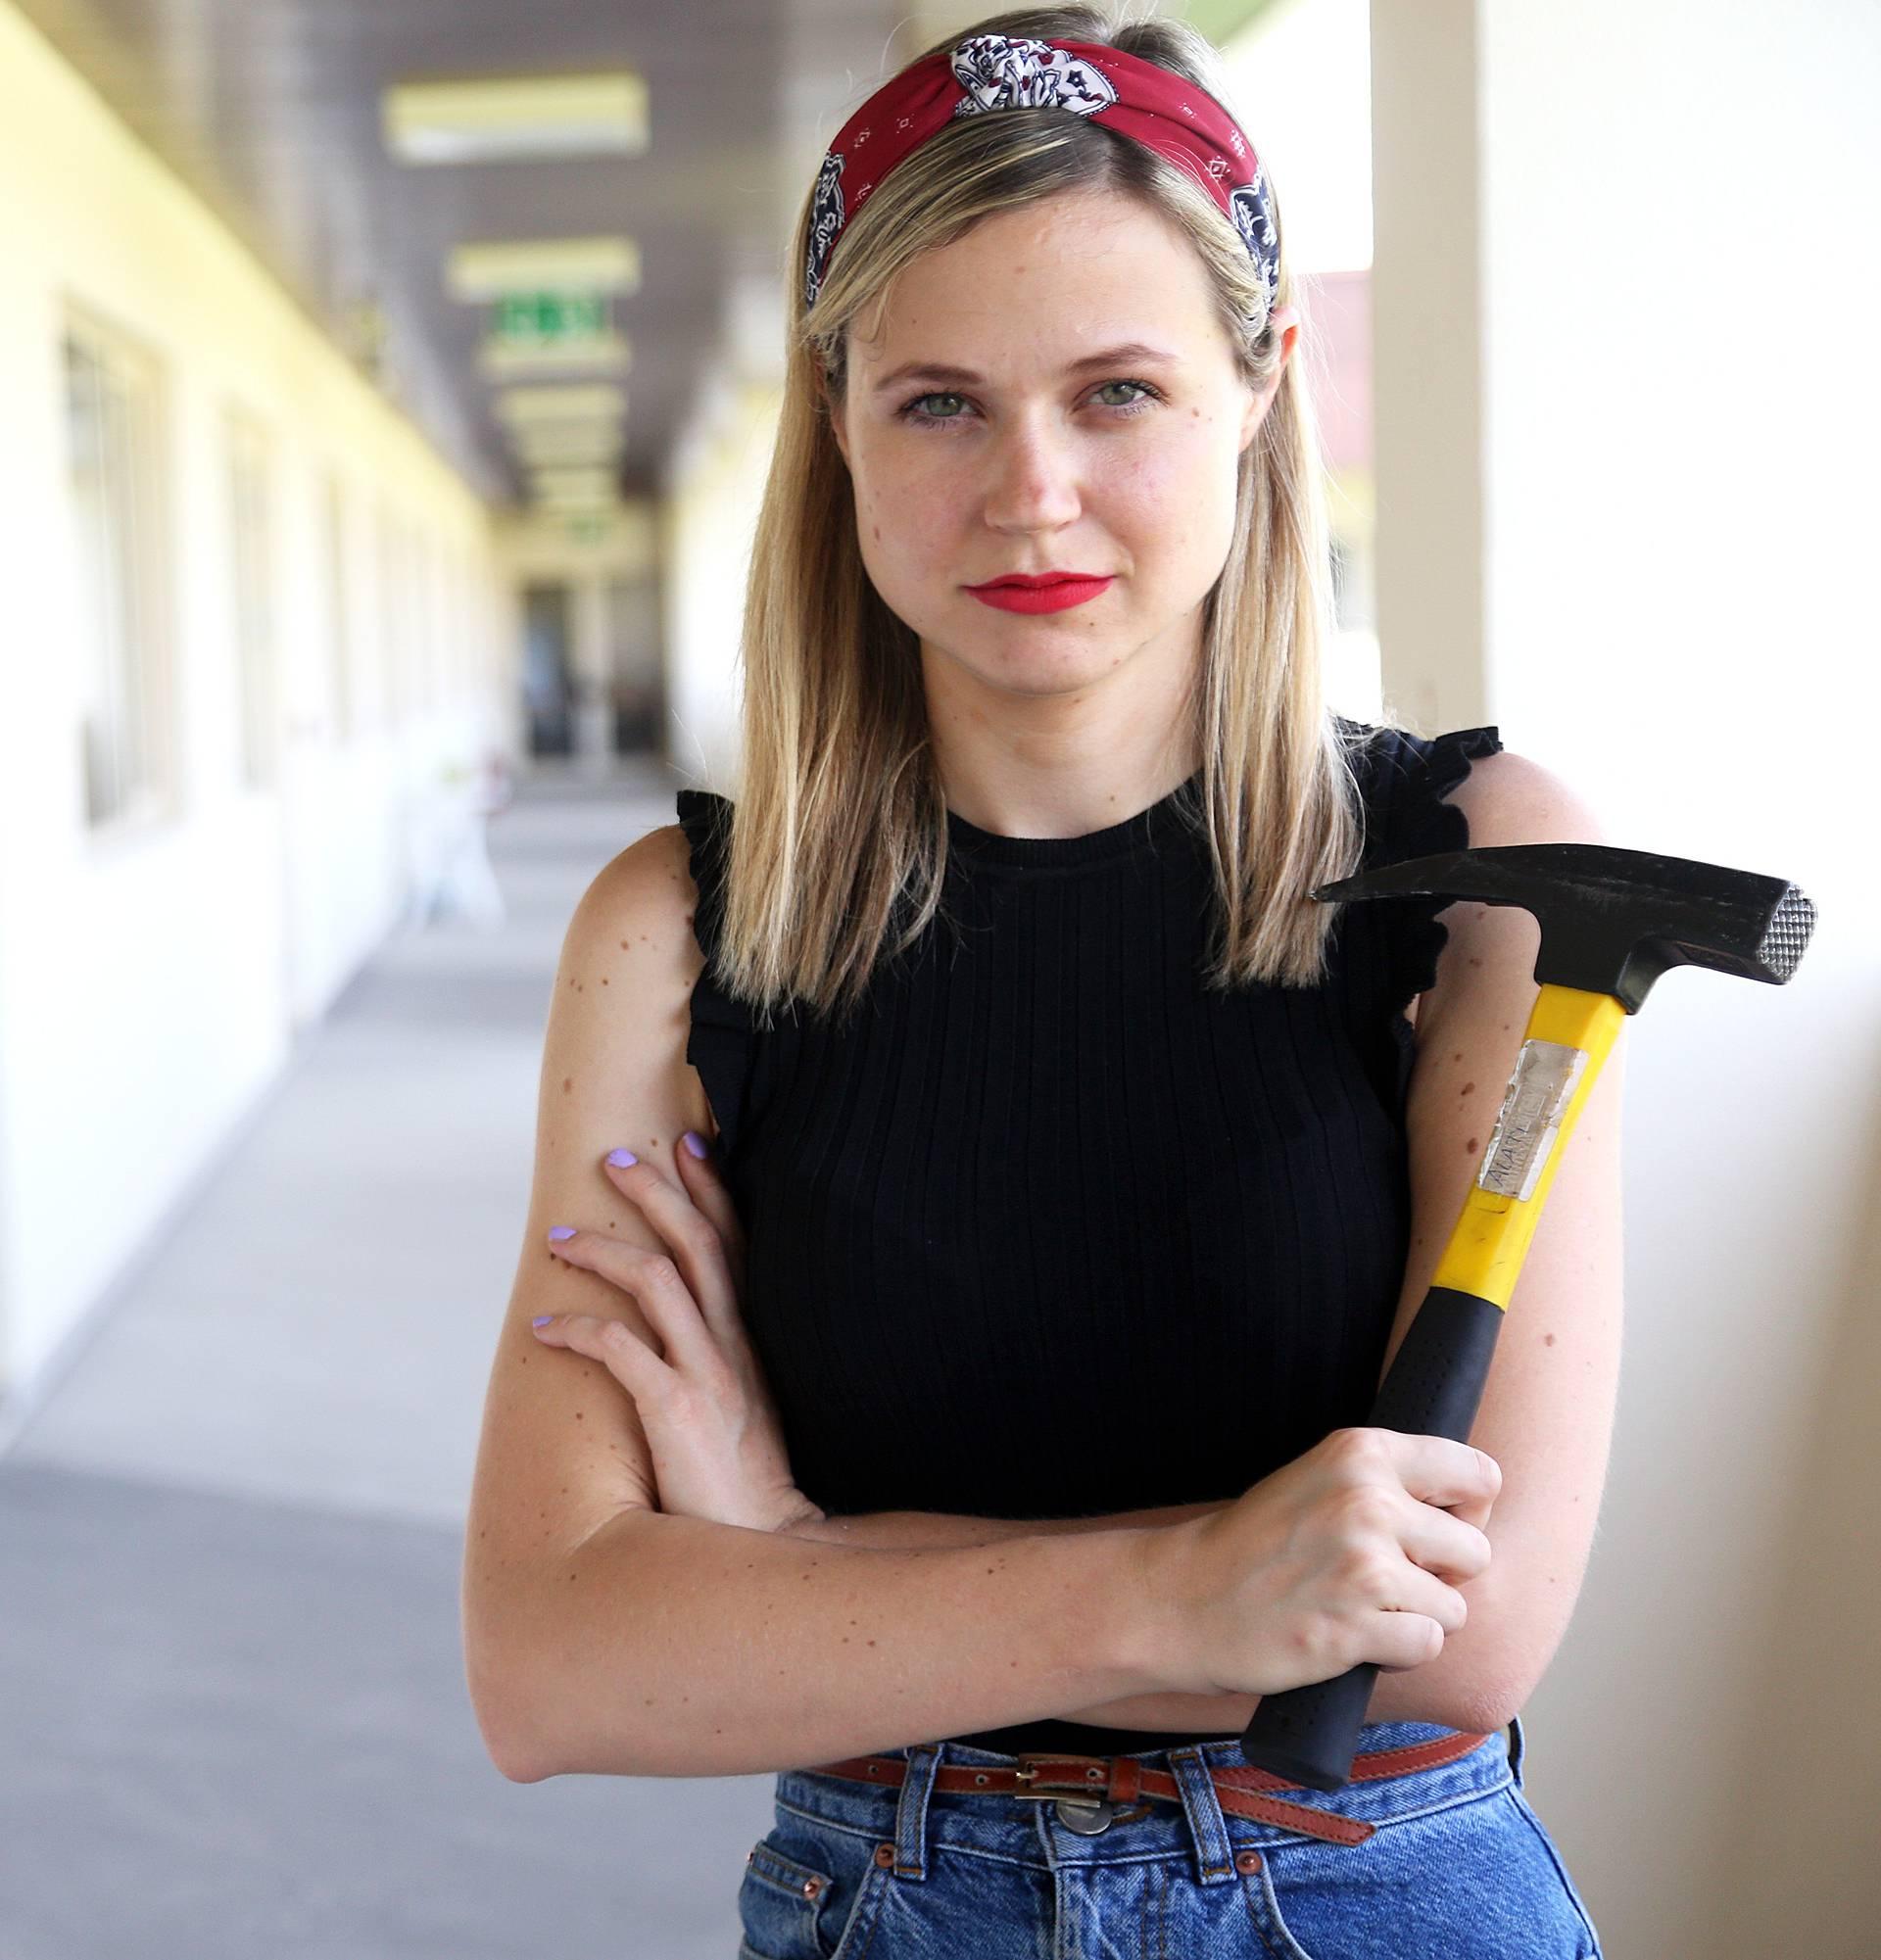 Žene, ne trebate majstora: 10 jednostavnih kućnih popravaka